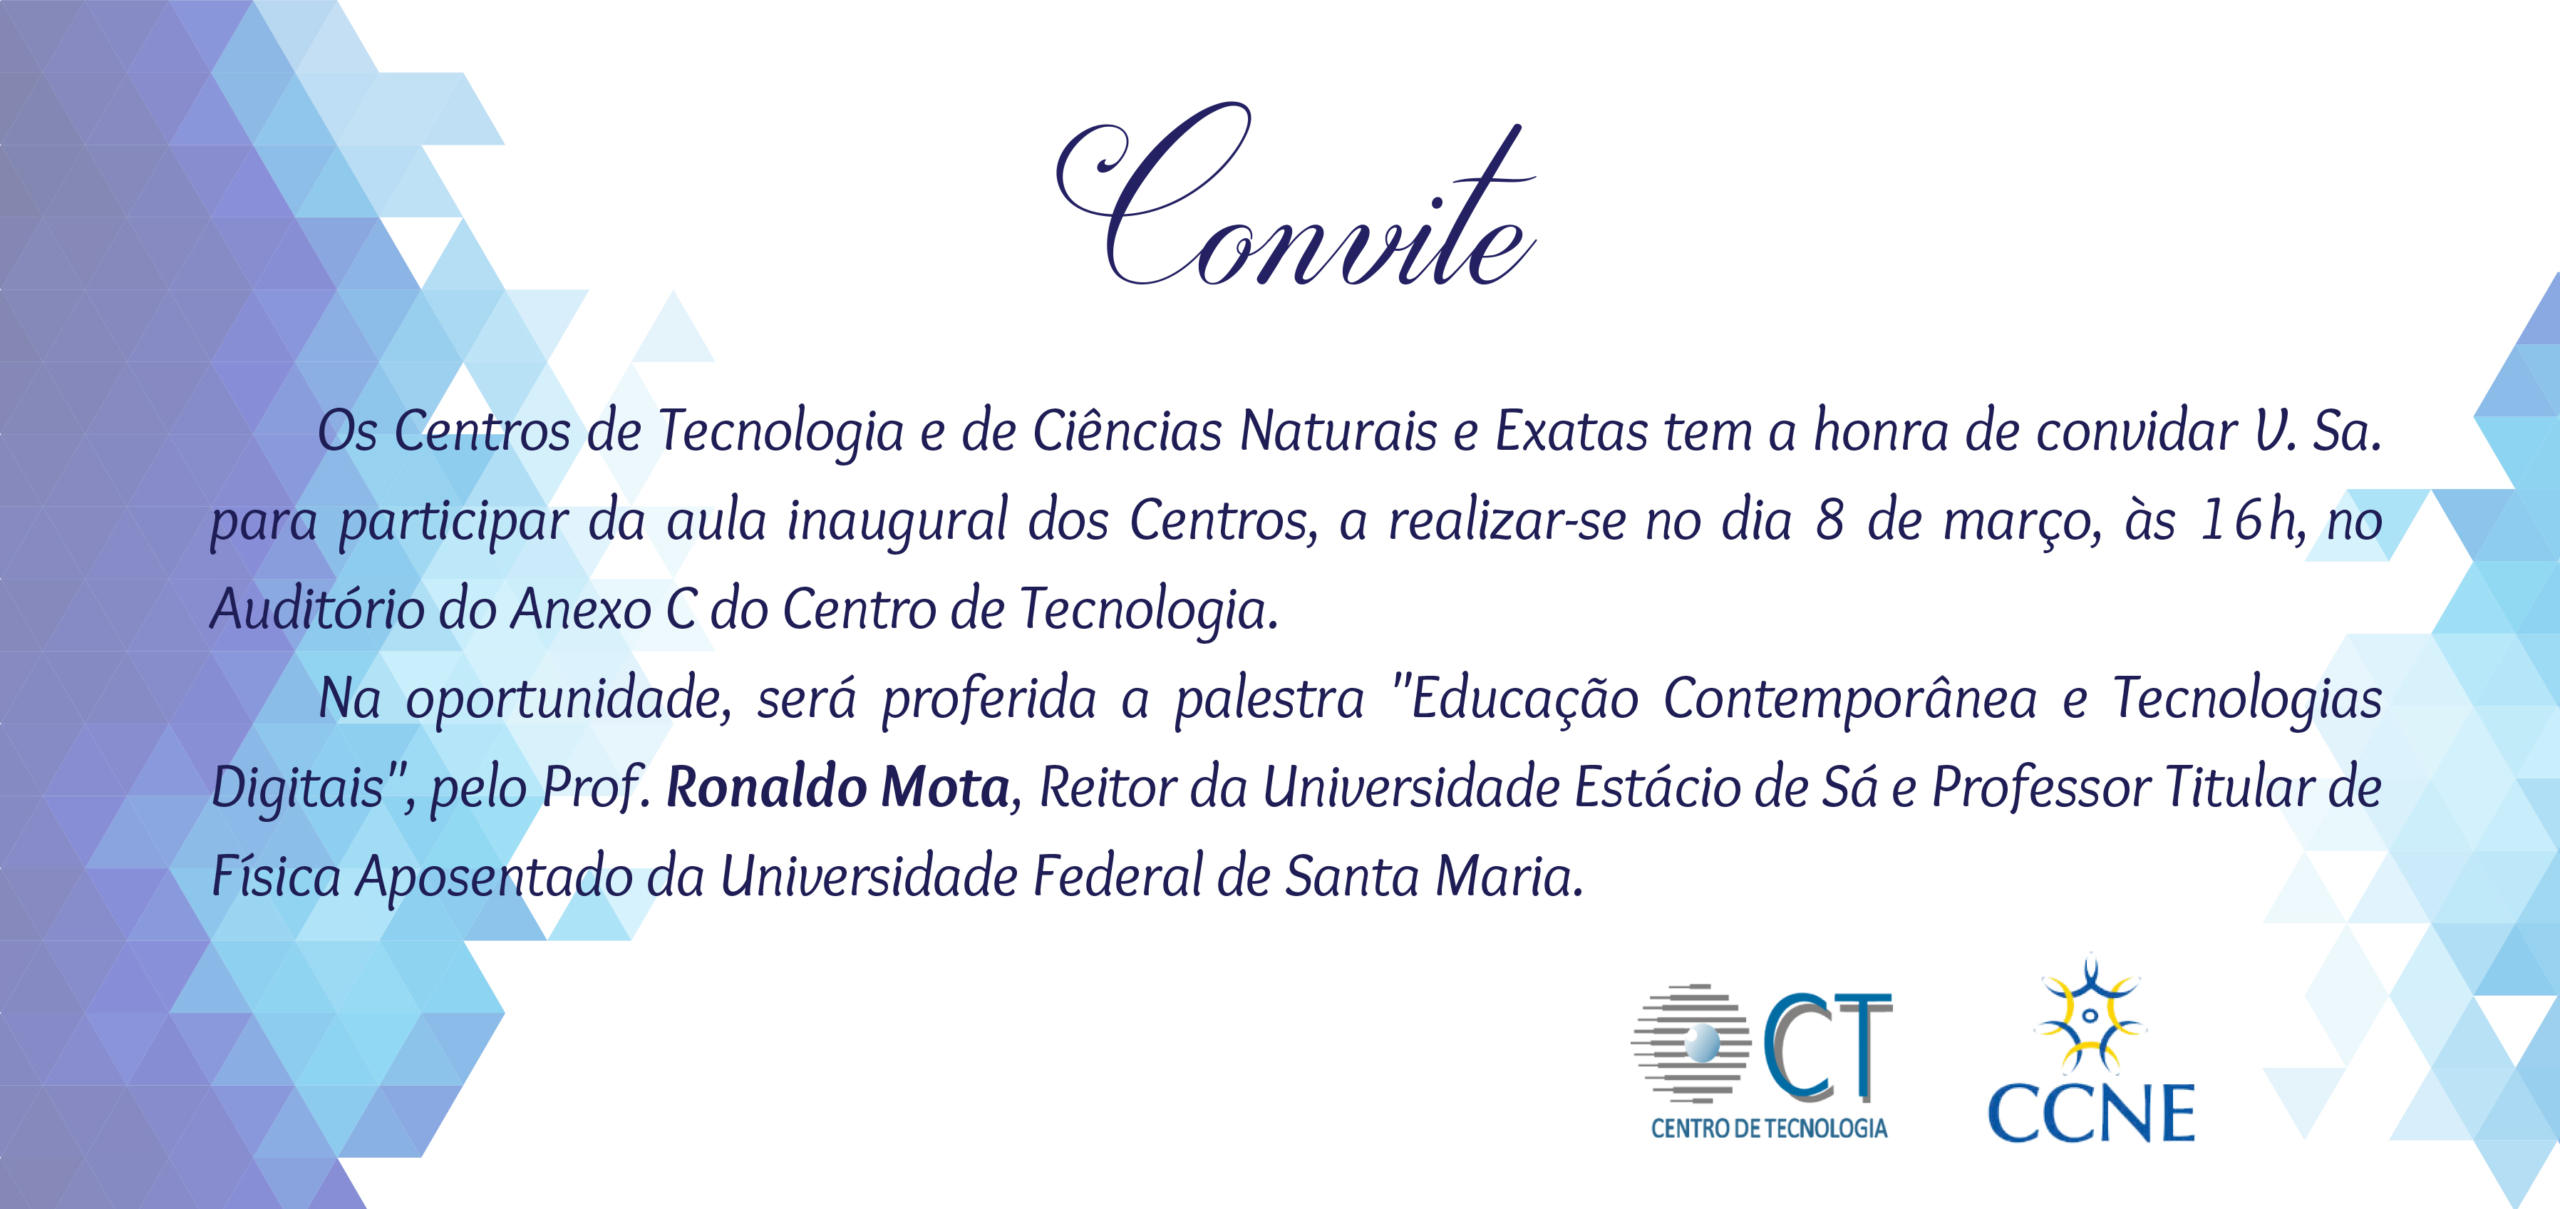 Convite web aula inaugural CT CCNE